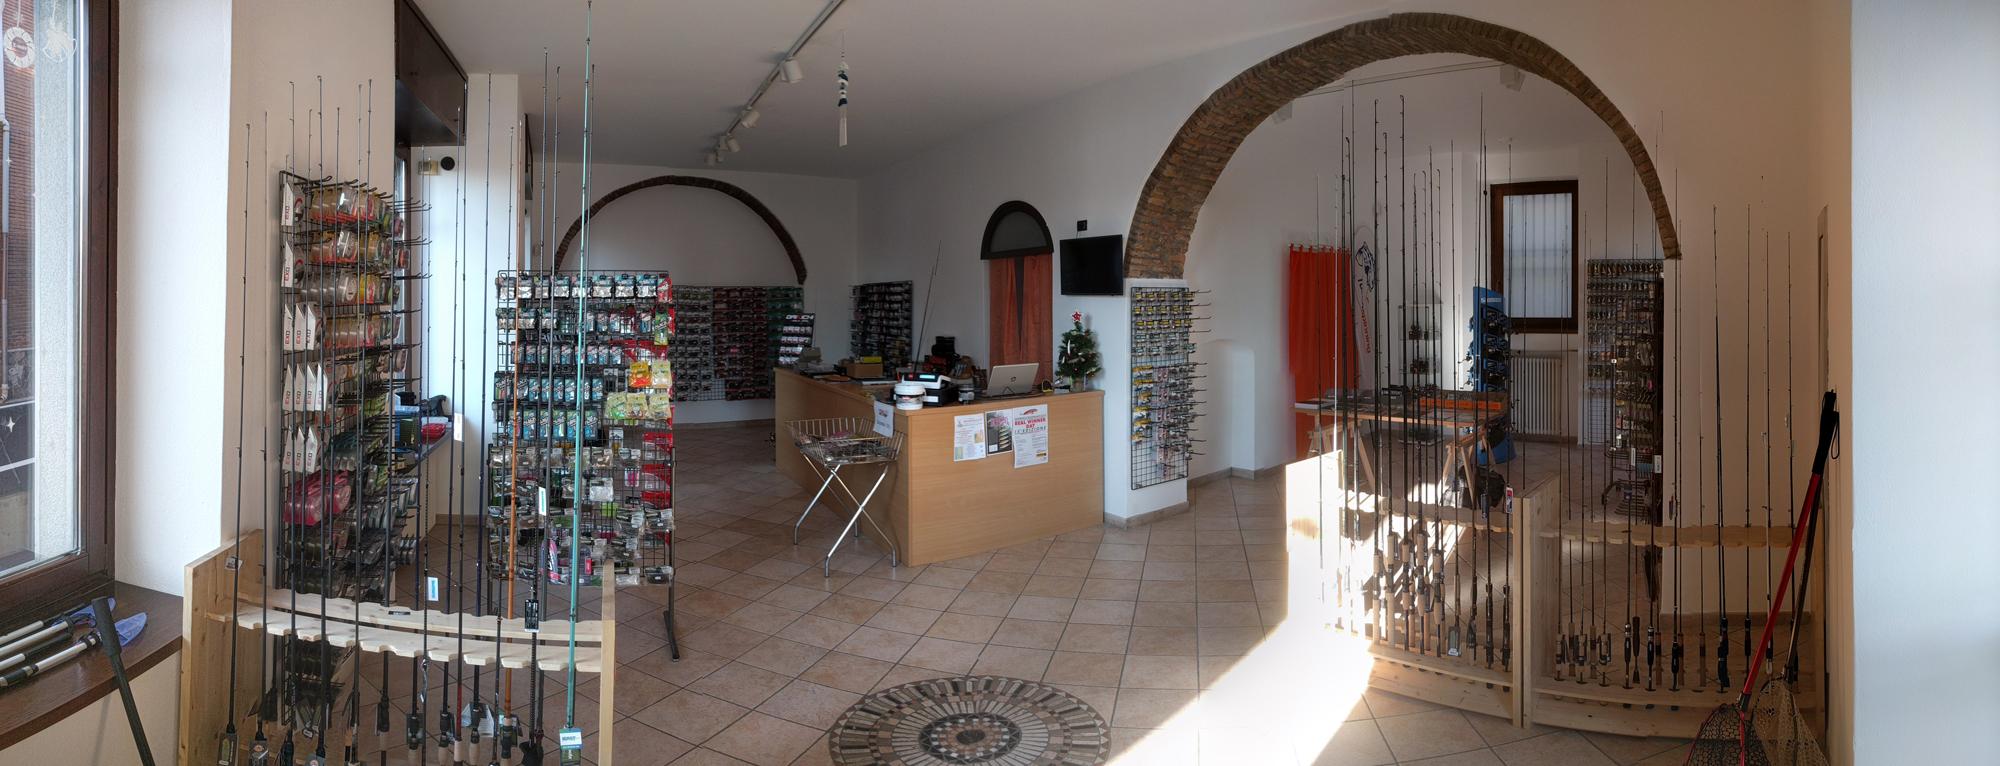 Panoramica negozio Tuttospinning